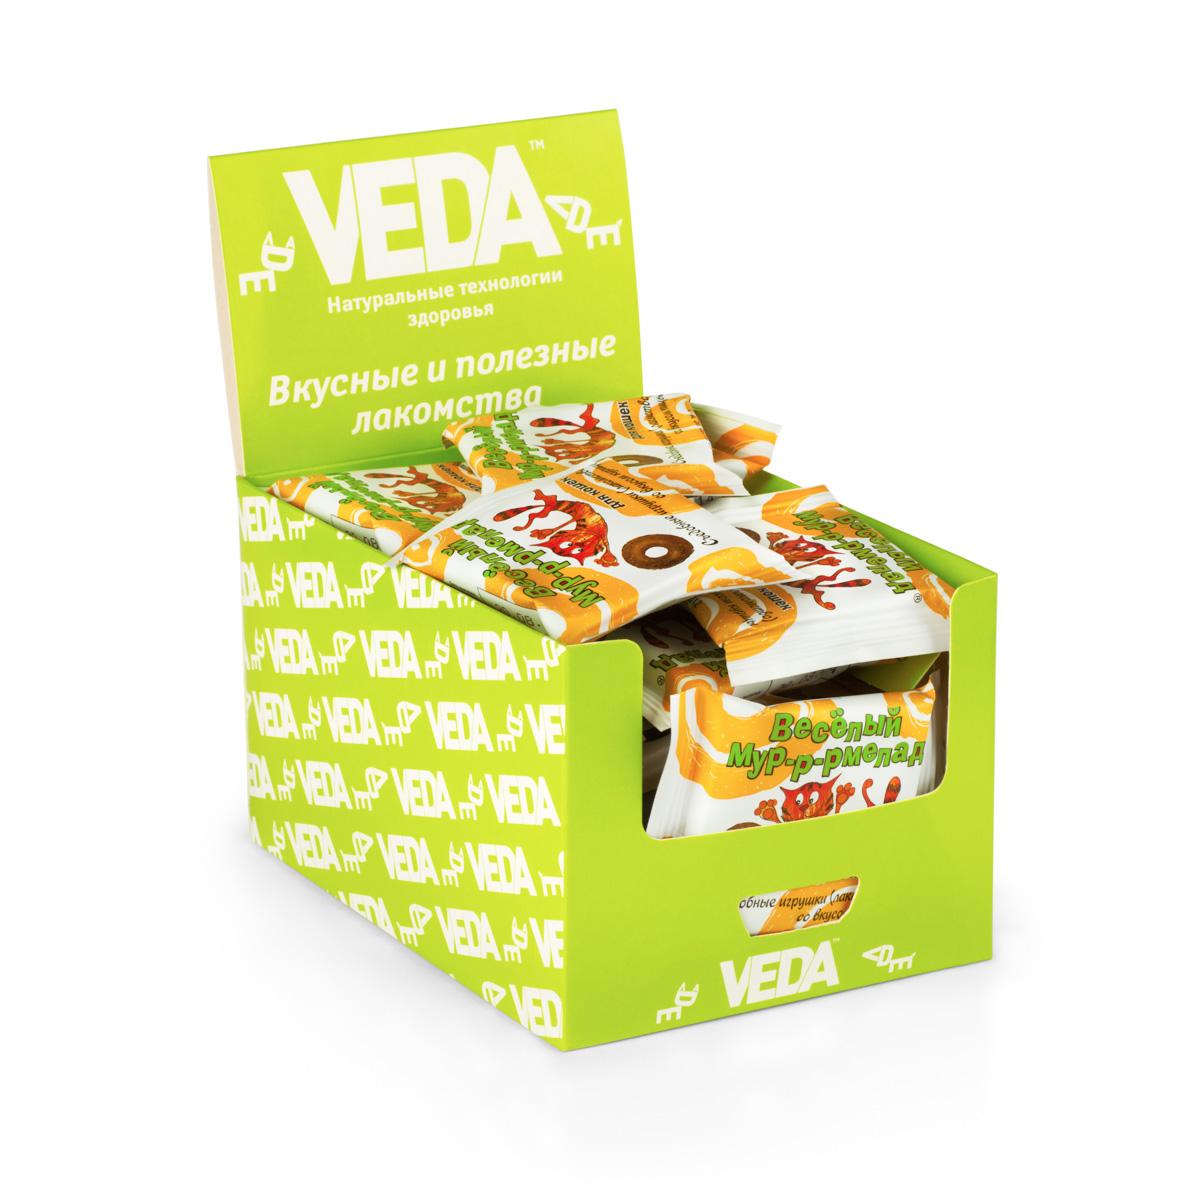 Лакомство VEDA Веселый Мур-Р-Рмелад, для кошек, в шоу-боксе, с курицей, 32 шт4605543006661Лакомство VEDA Веселый Мур-Р-Рмелад представляет собой съедобную игрушку в виде мягкого колечка. Оно содержит комплекс витаминов группы В (В1, В3, В6), таурин, мумие. Позволяет удовлетворить инстинкт охоты и снять эмоциональное напряжение. Витаминизирует и оздоравливает организм животного. Количество: 32 шт. Вес (1 шт): 6 г. Товар сертифицирован.